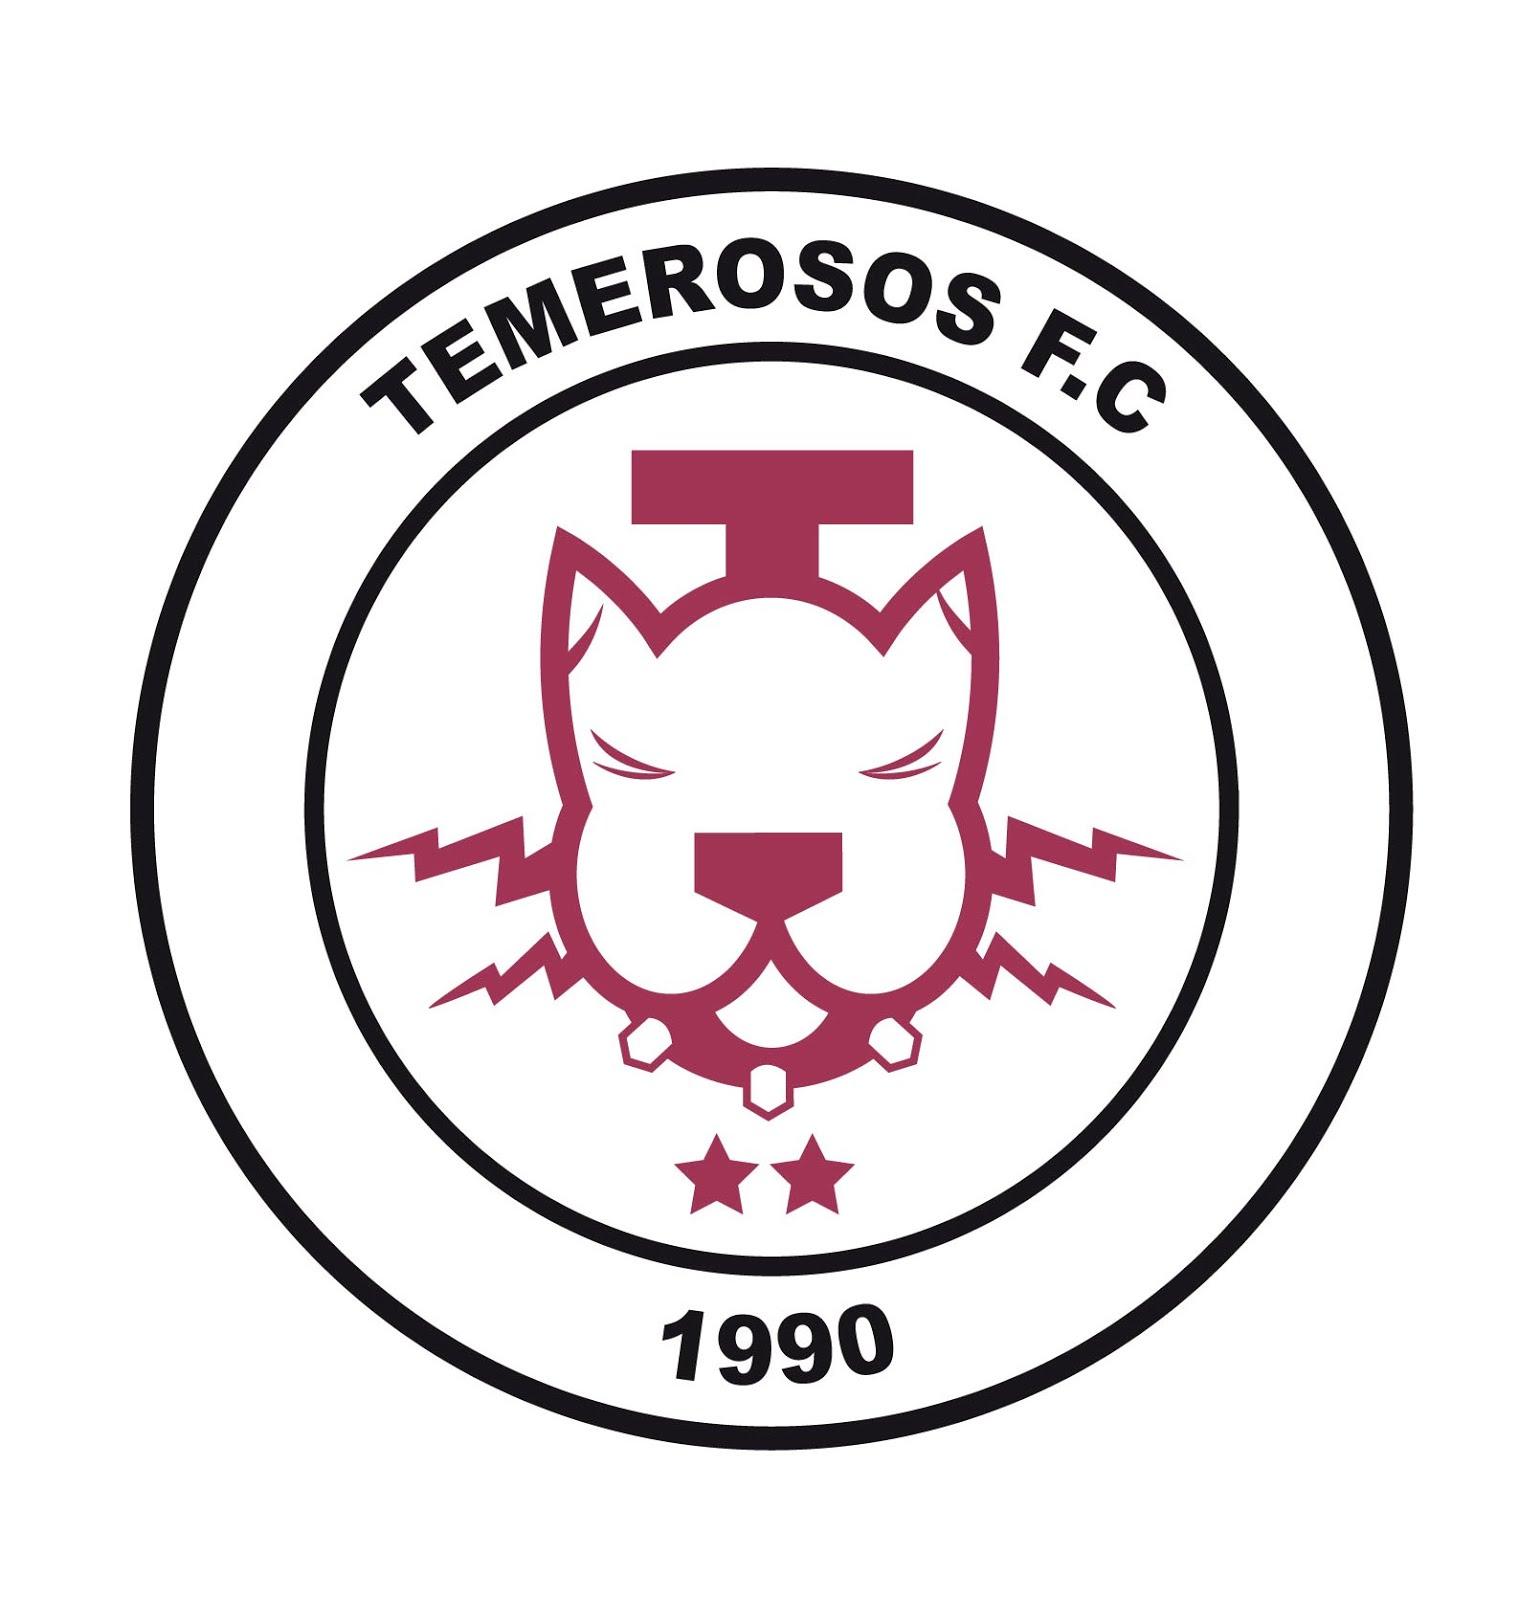 TEMEROSOS FC - 26 AÑOS